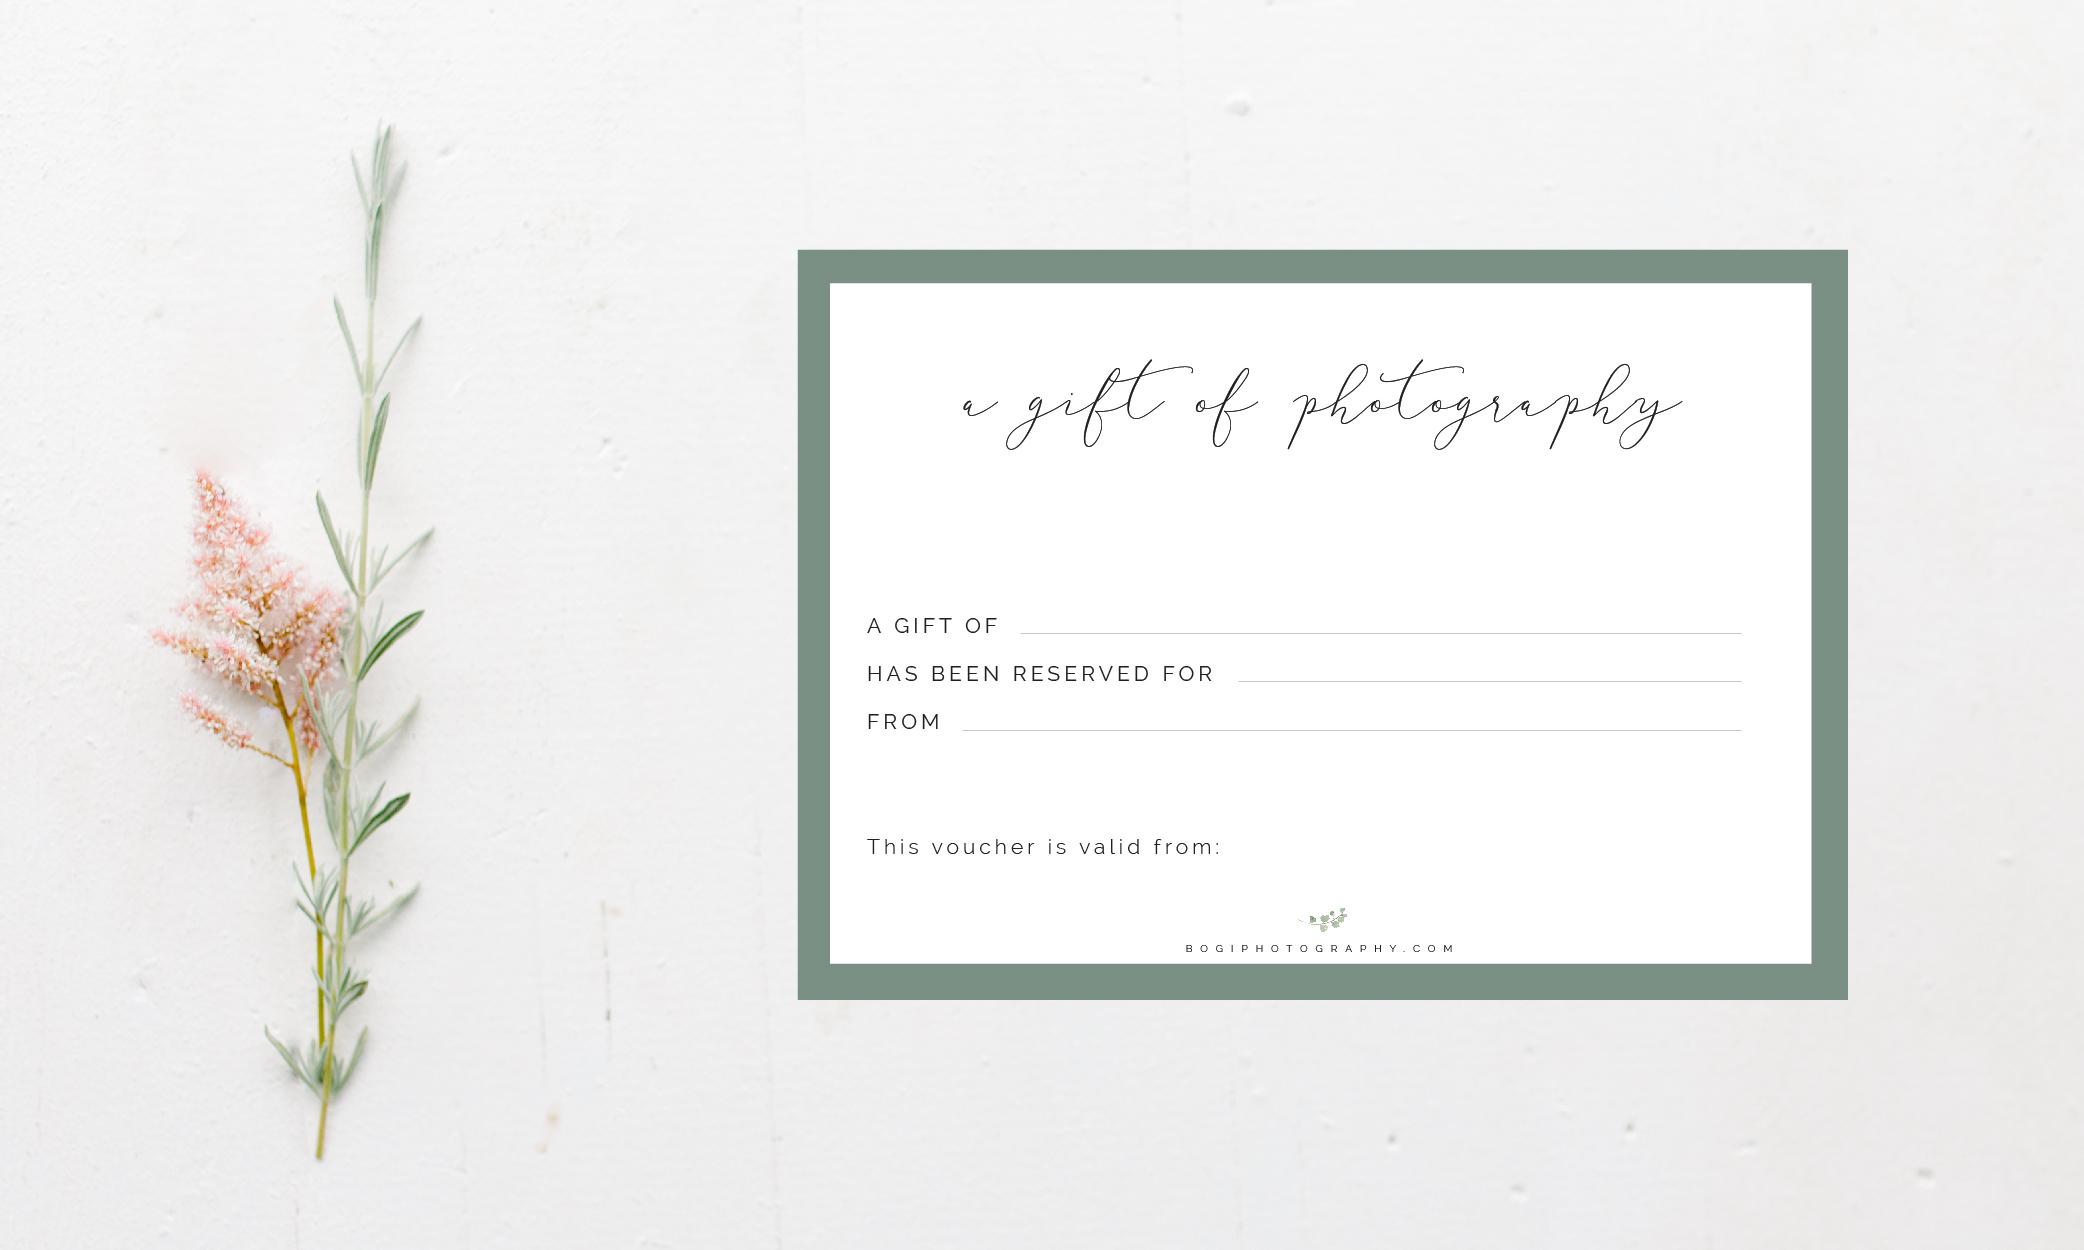 Gift Certificate Display-01.jpg